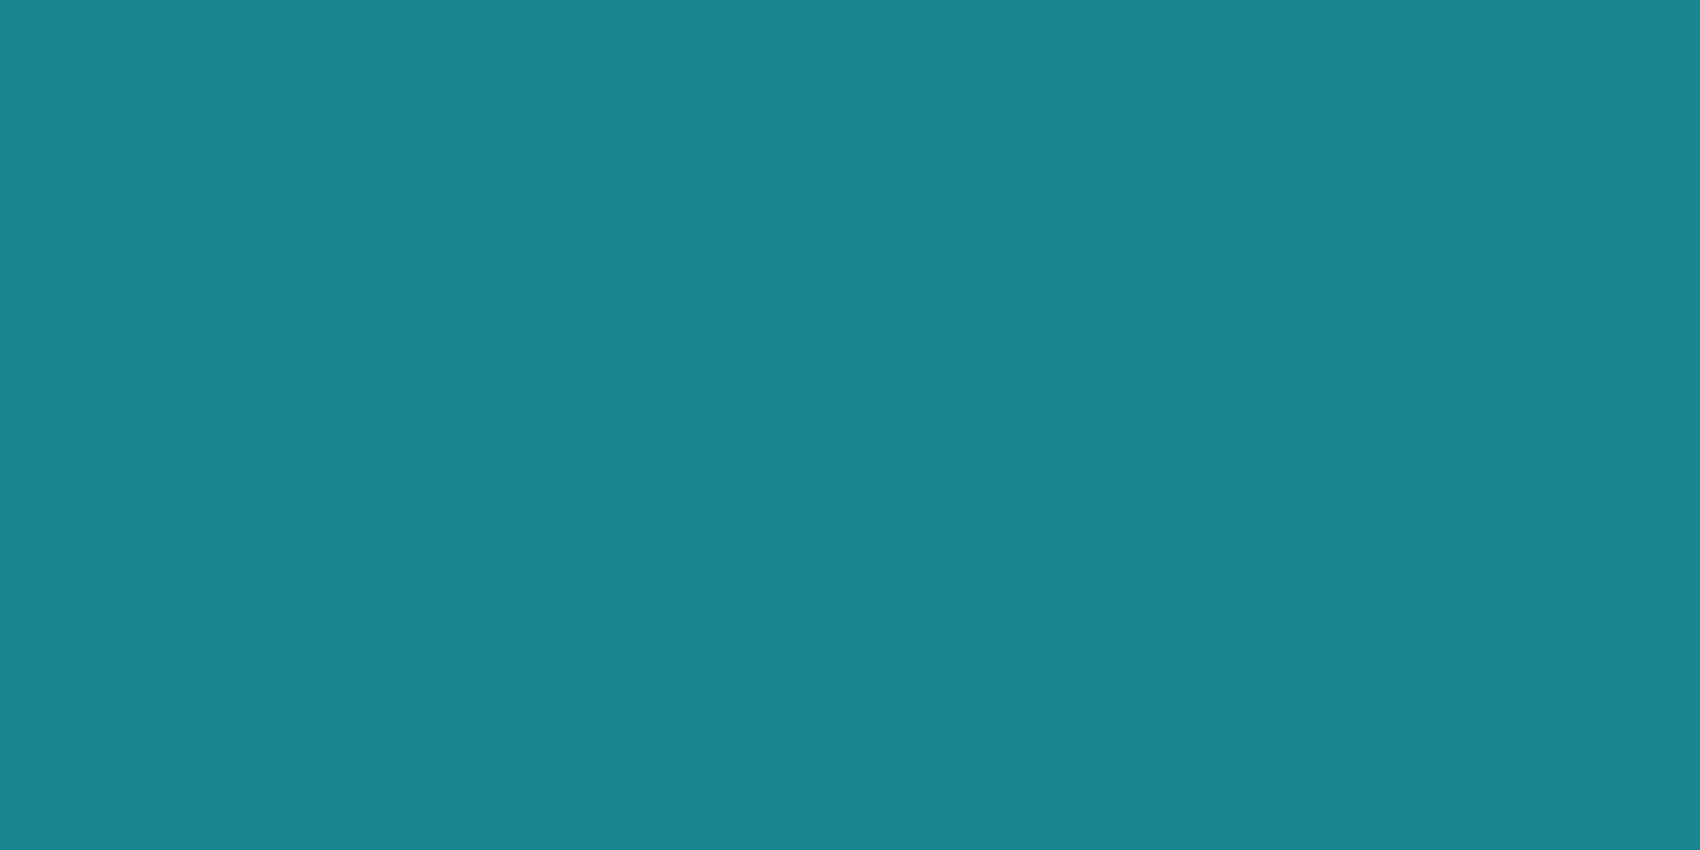 Hintergrund_blue.jpg